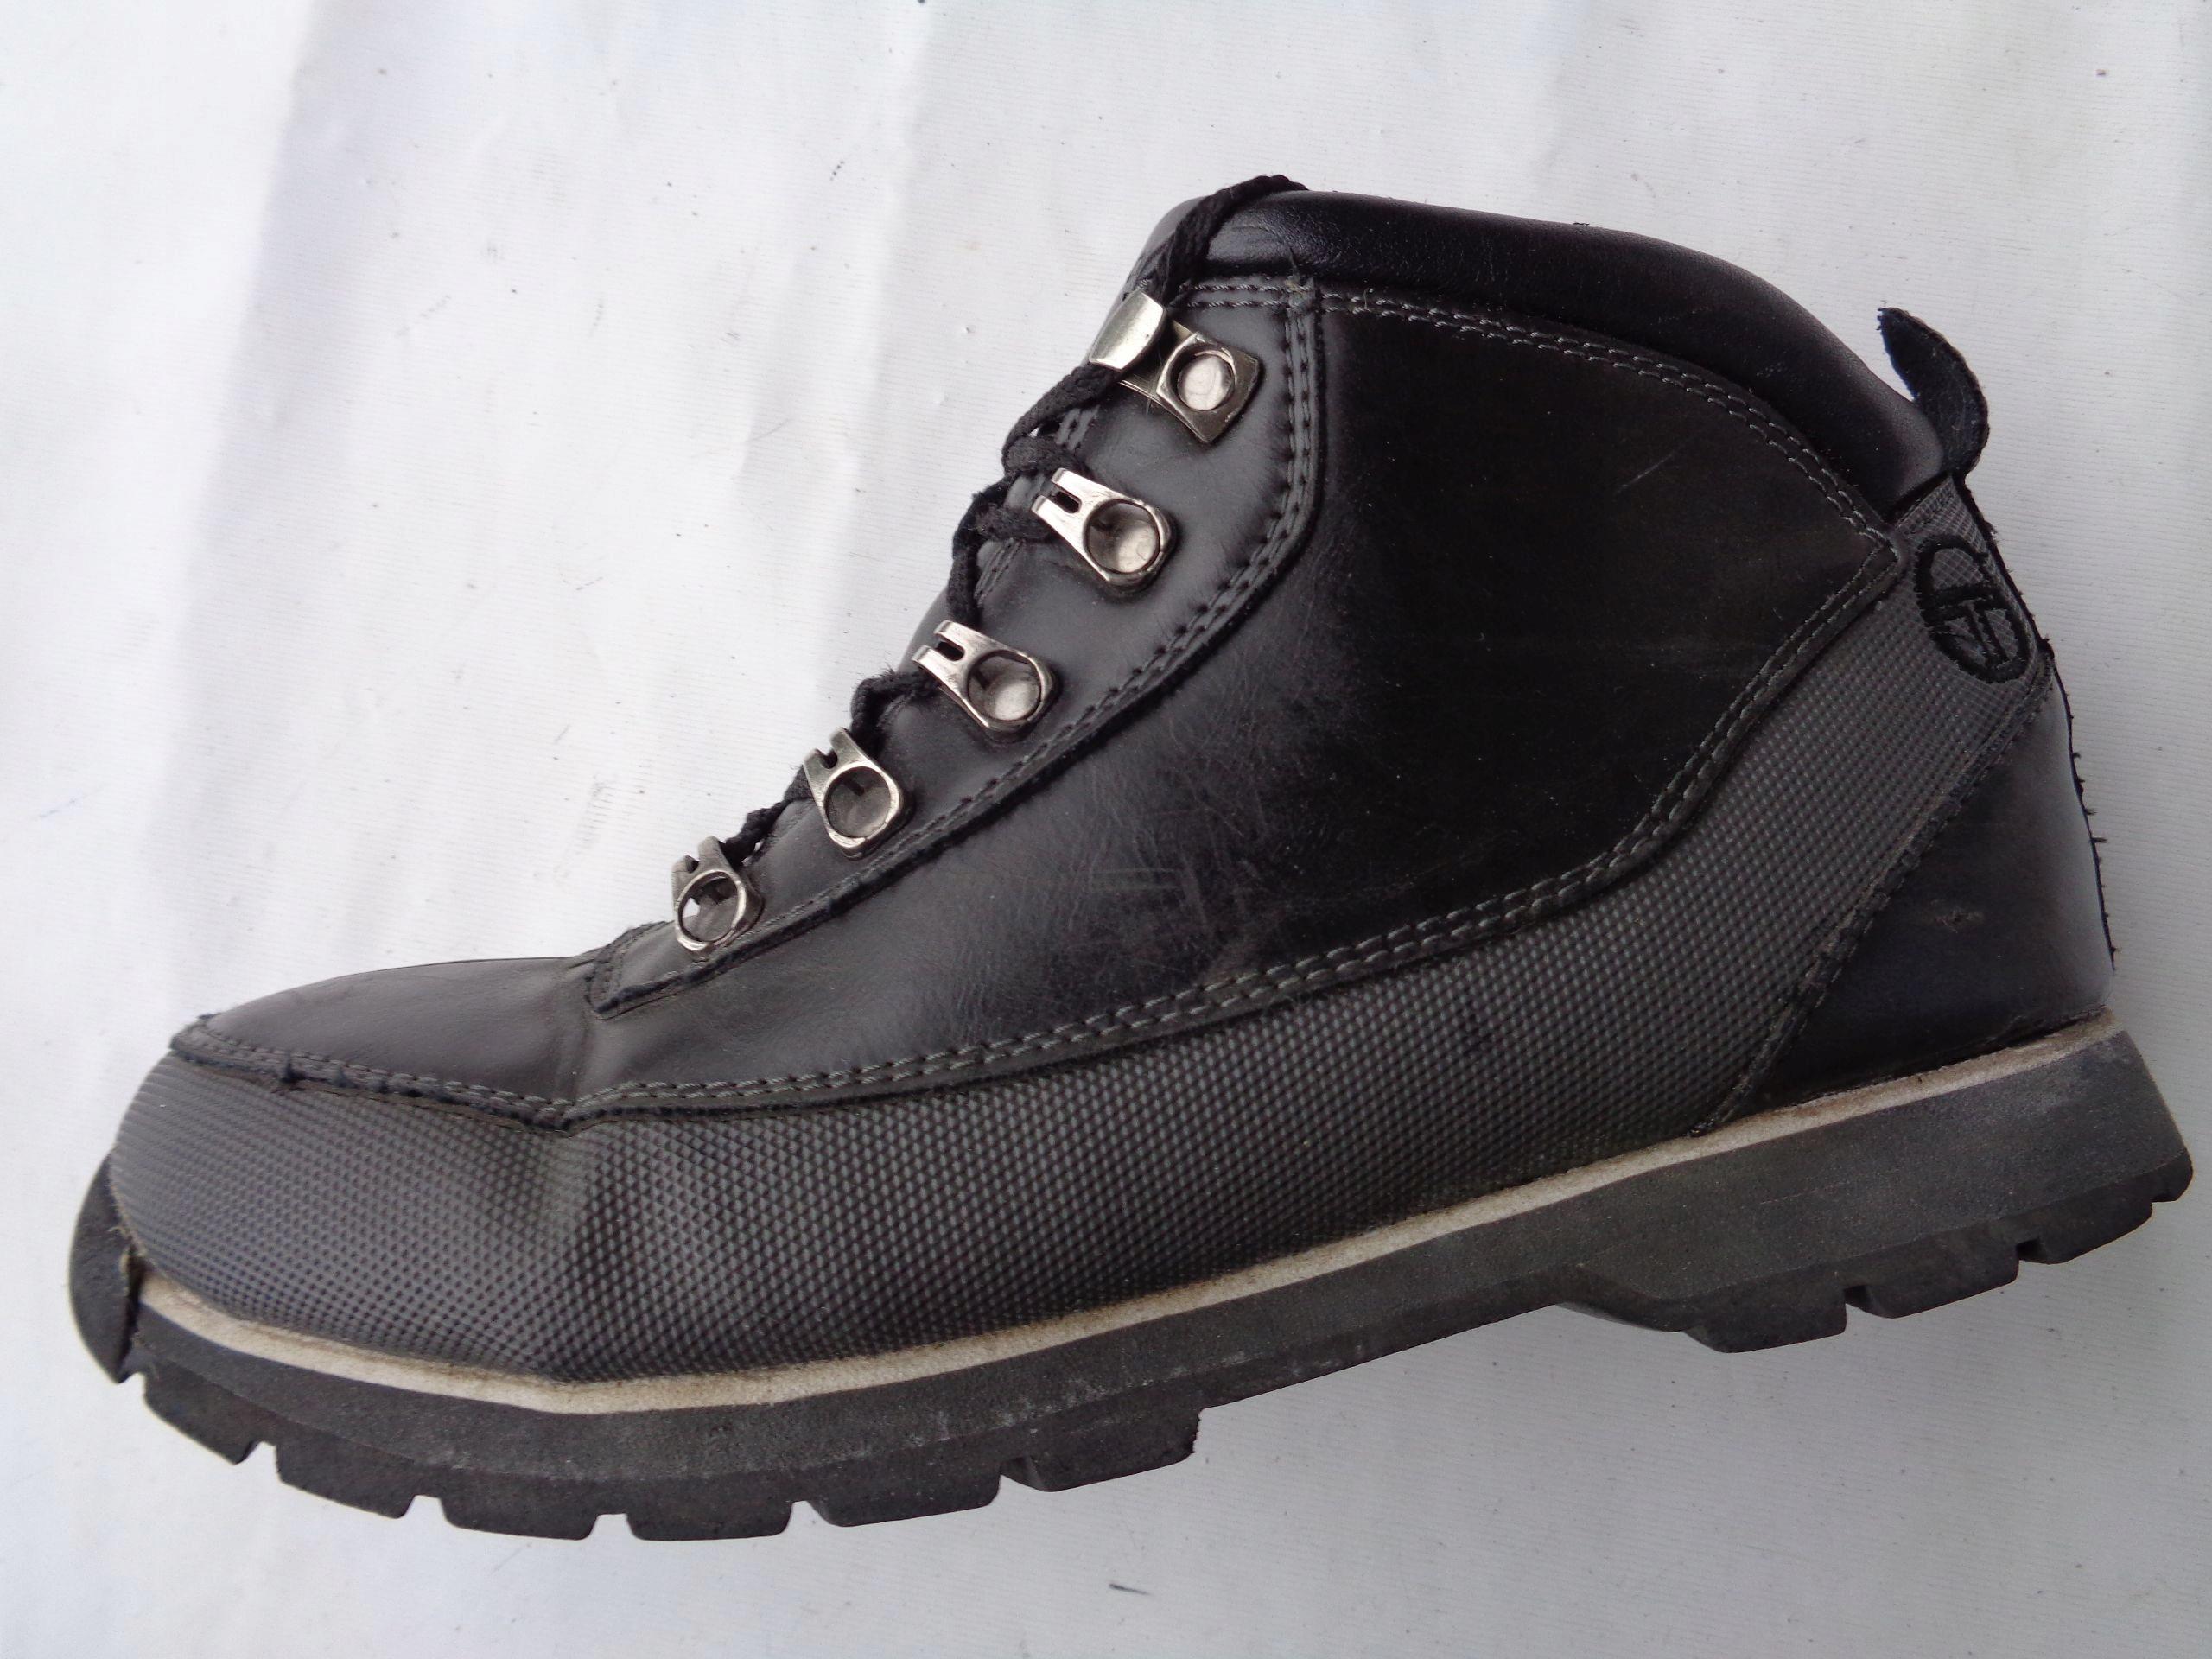 4b6e98fb BUTY 38 buty zimowe sportowe TREKKINGOWE CHŁOPIĘCE - 7766055169 ...